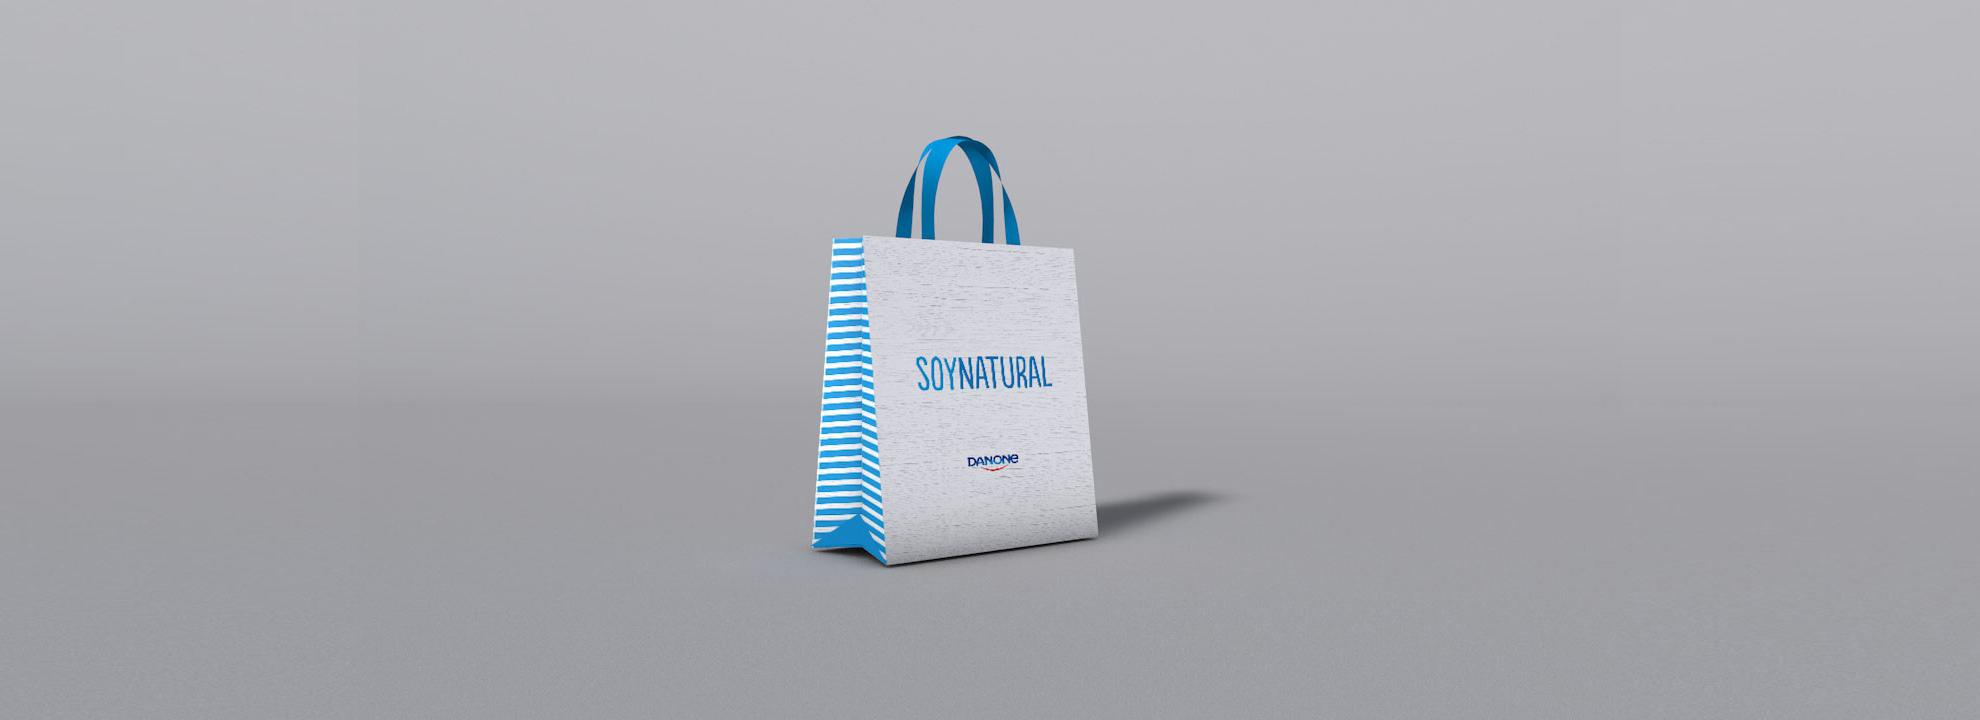 Bolsa_Danone-soynatural